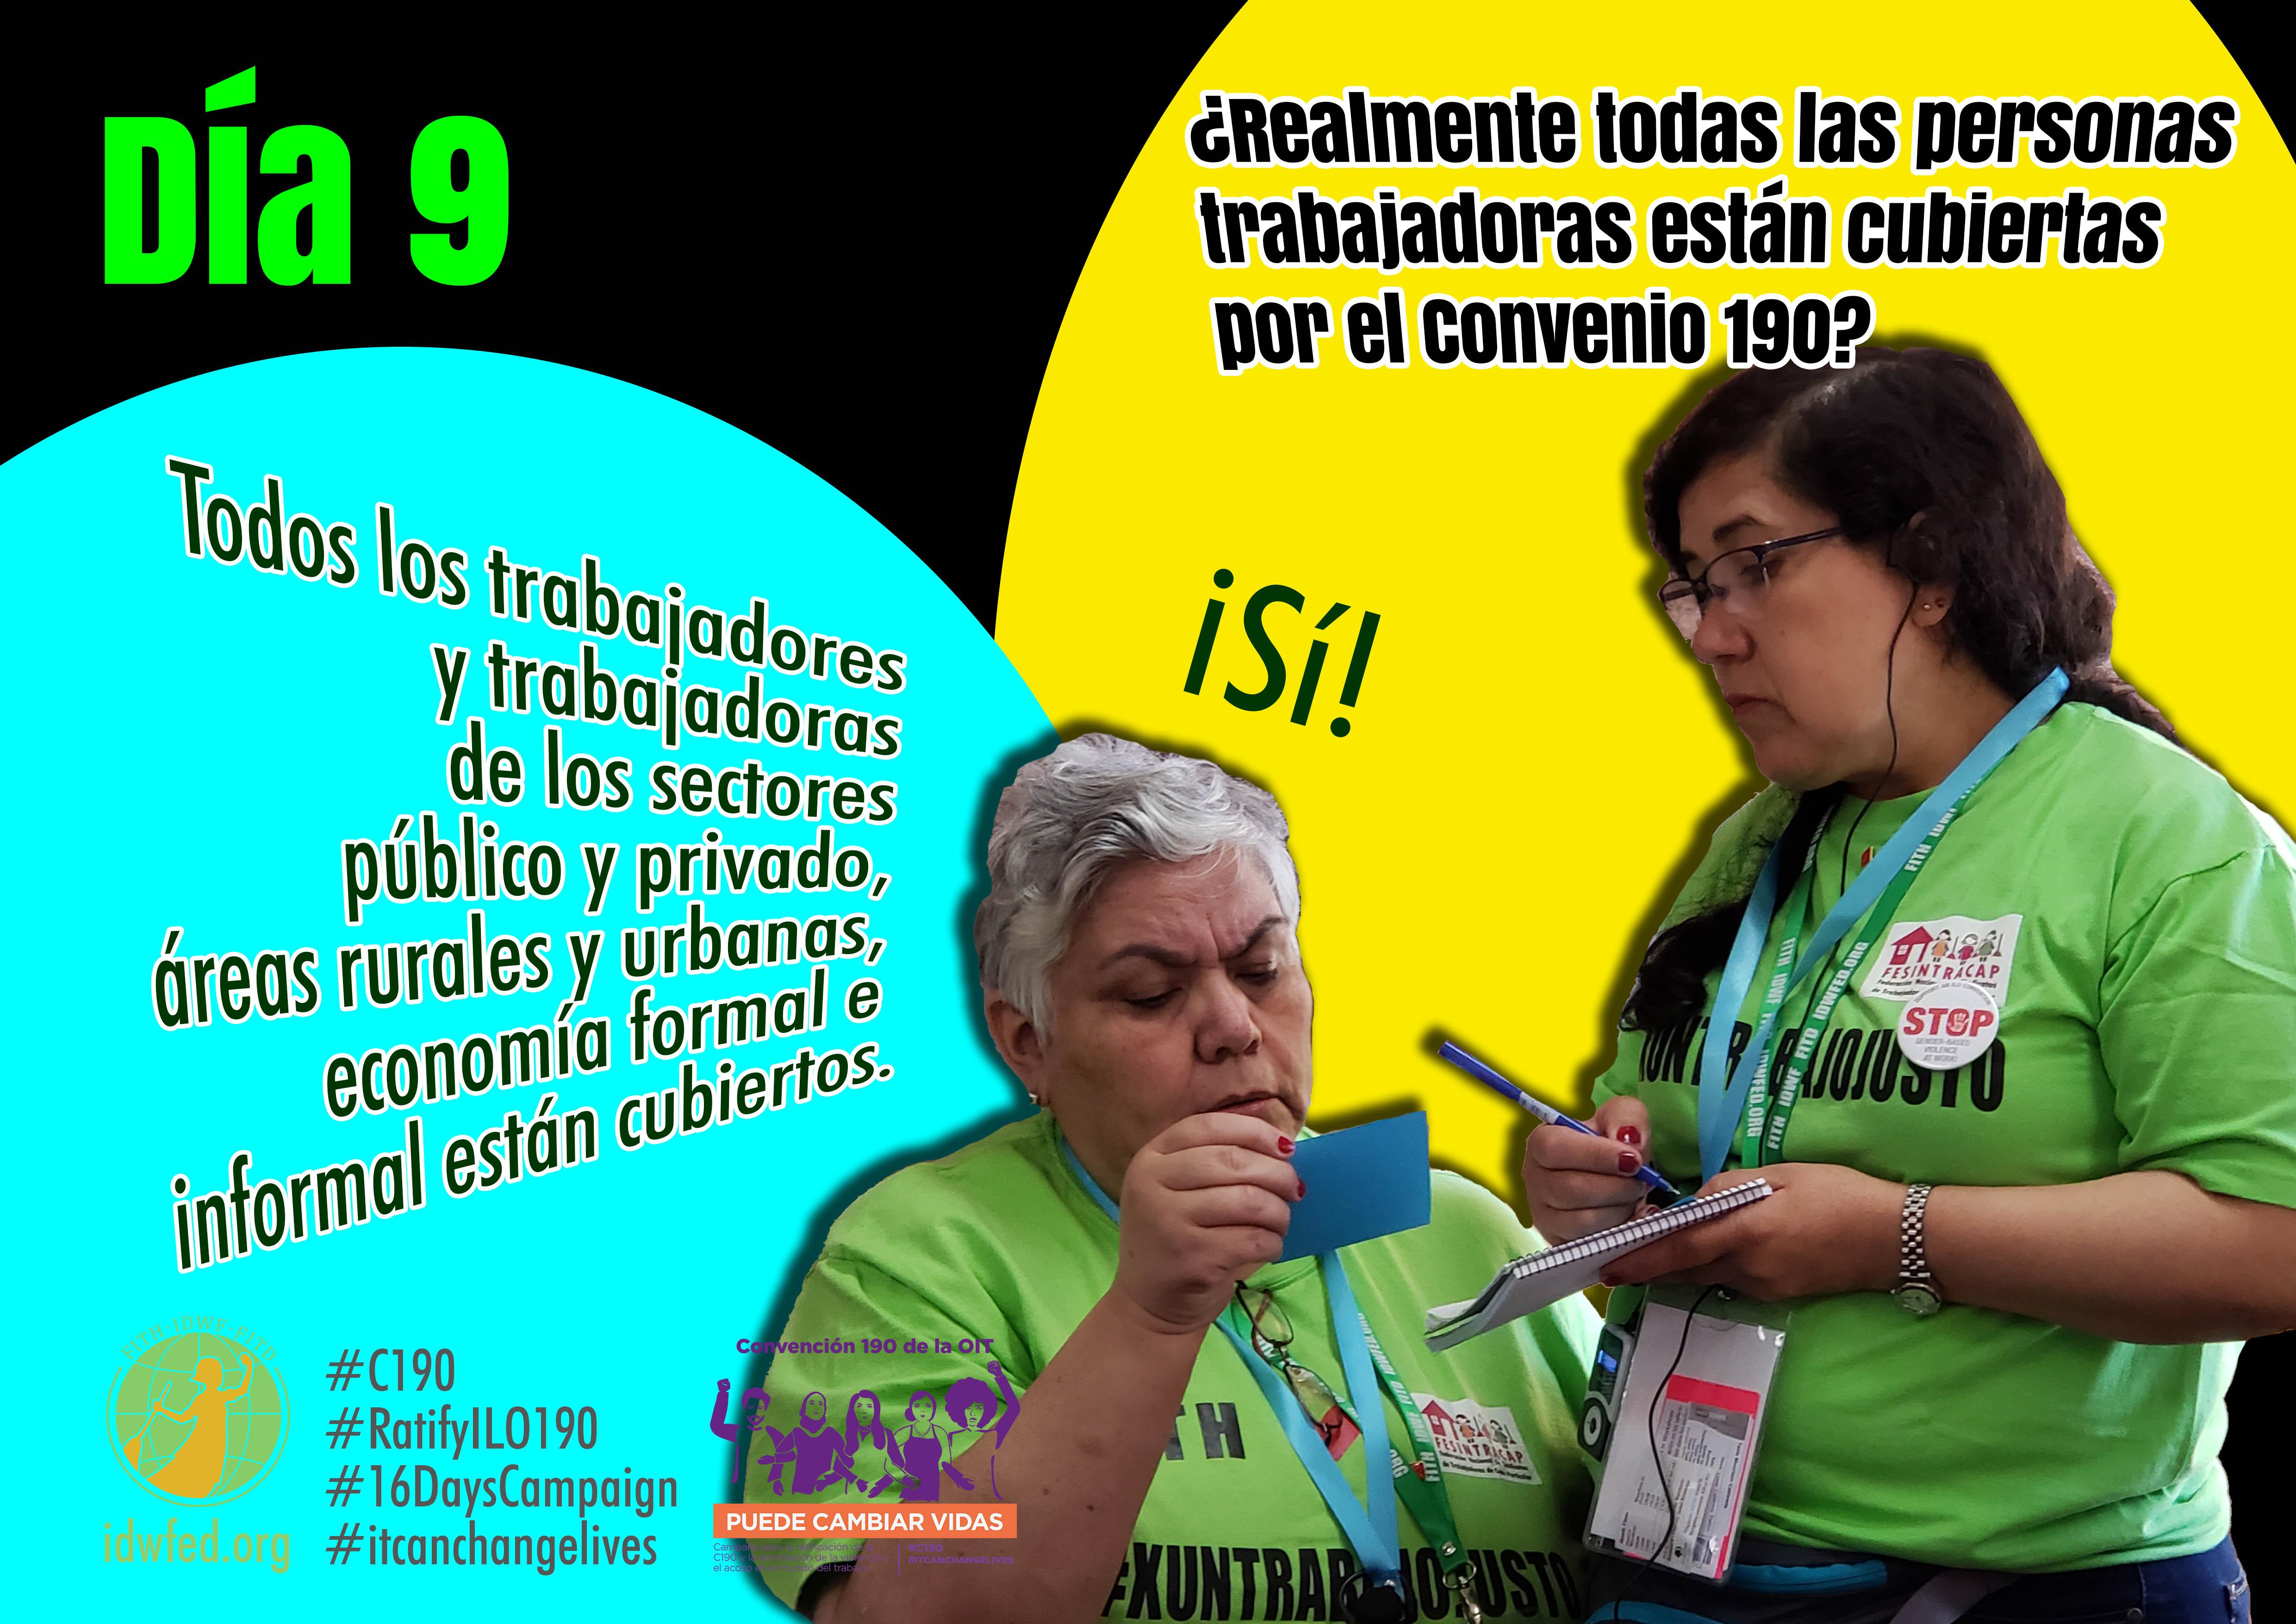 9. ¿Realmente todas las personas trabajadoras están cubiertas por el Convenio 190?